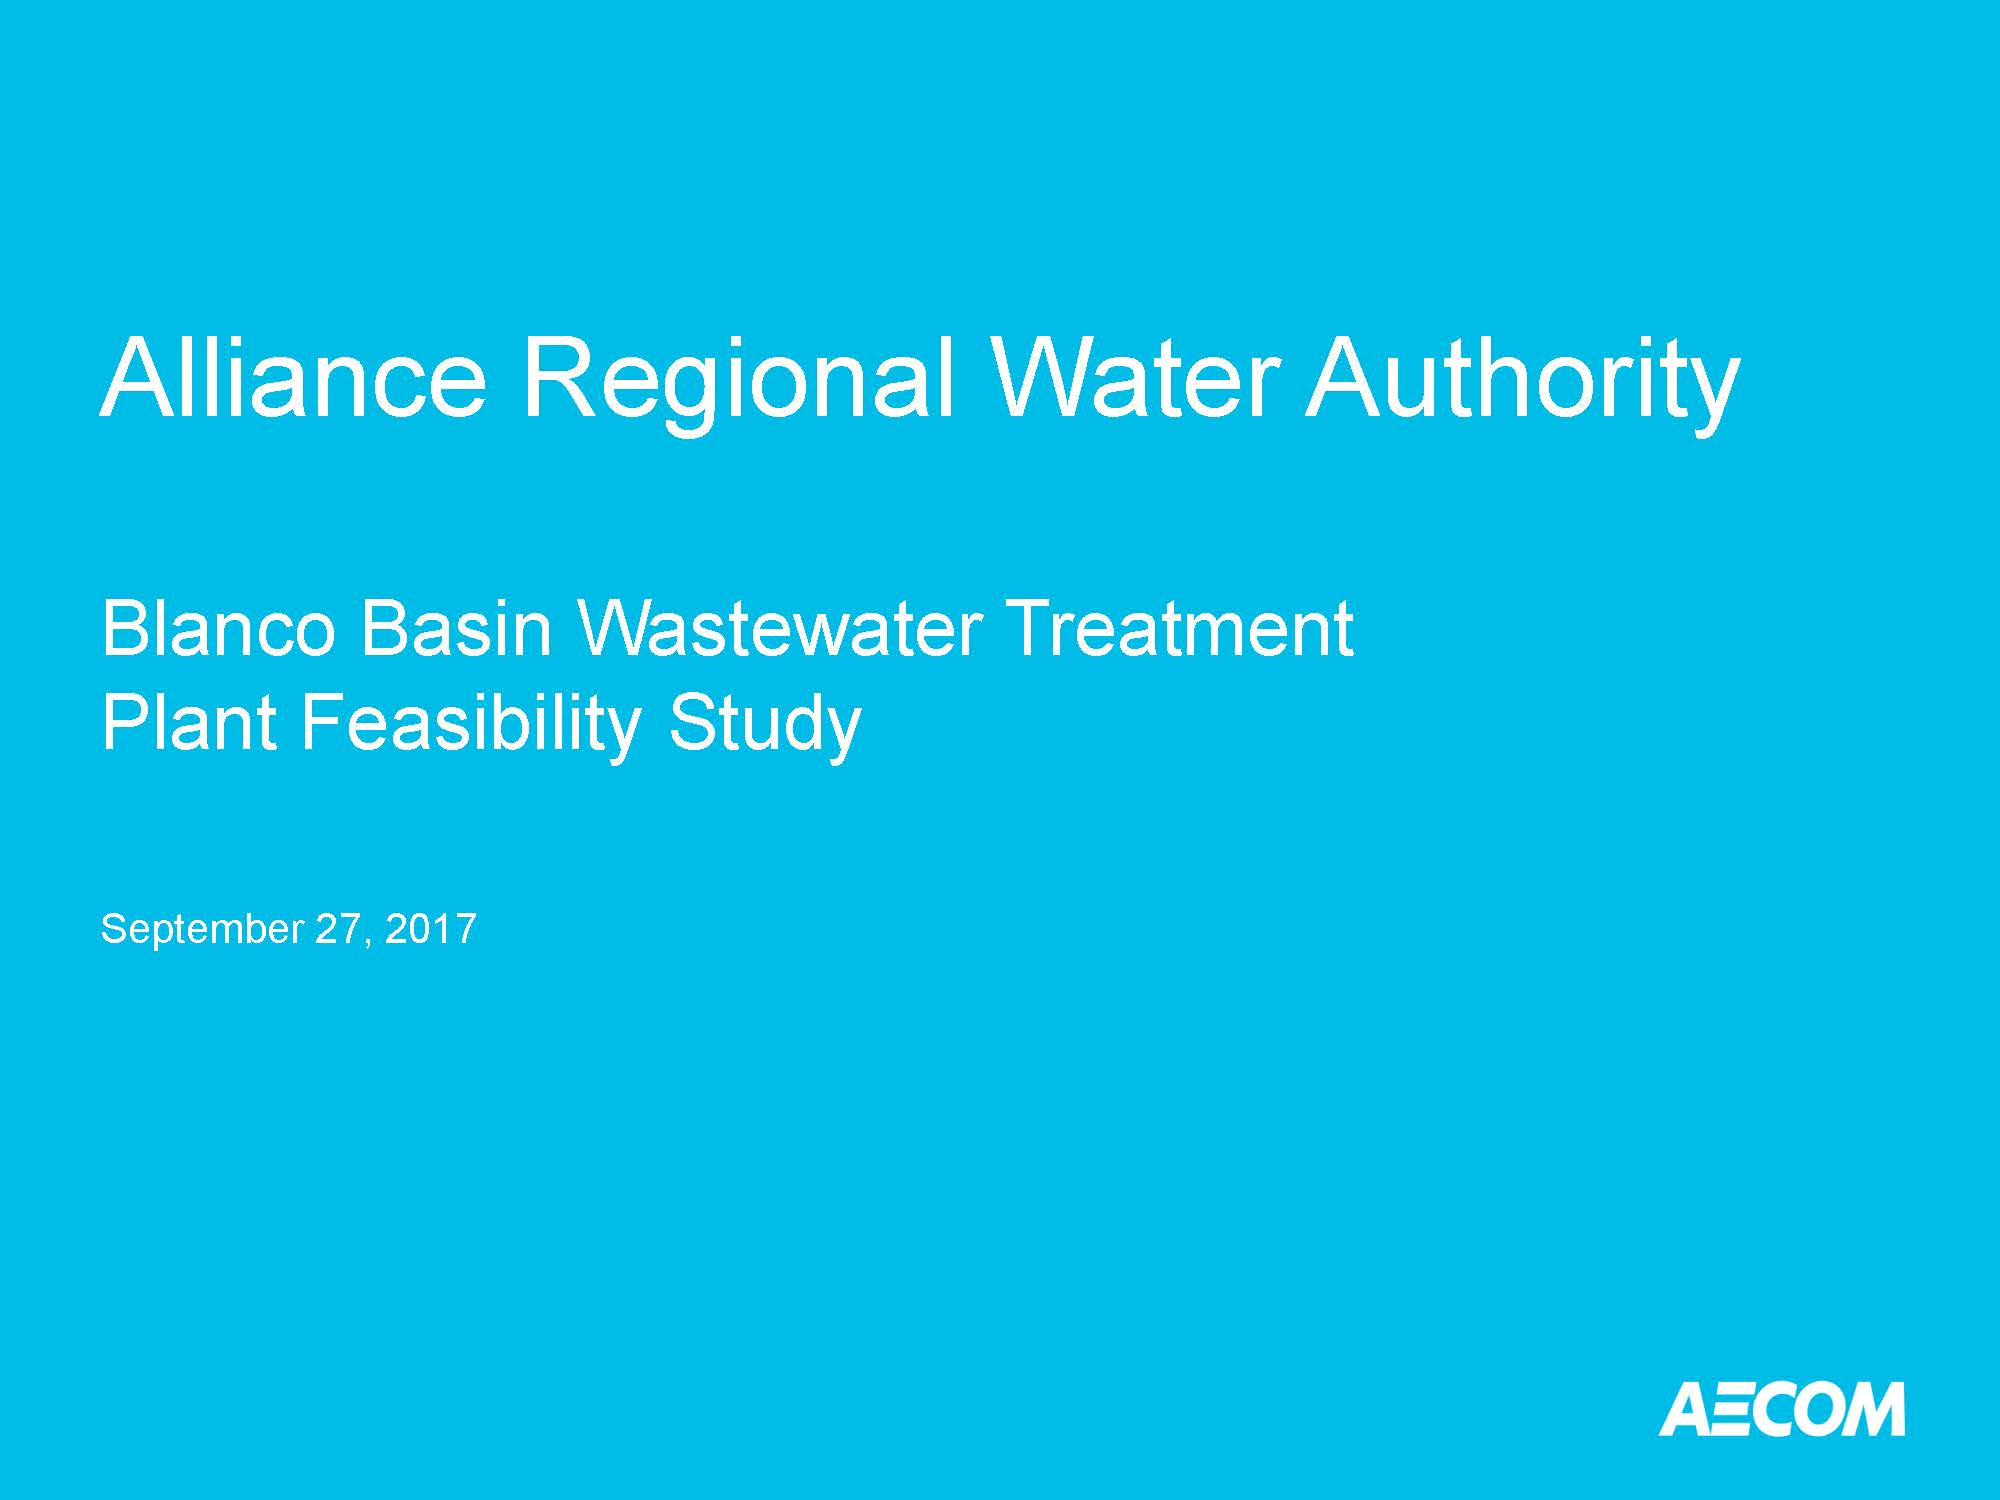 2017-09-20 Blanco Basin WWTP FS.jpg